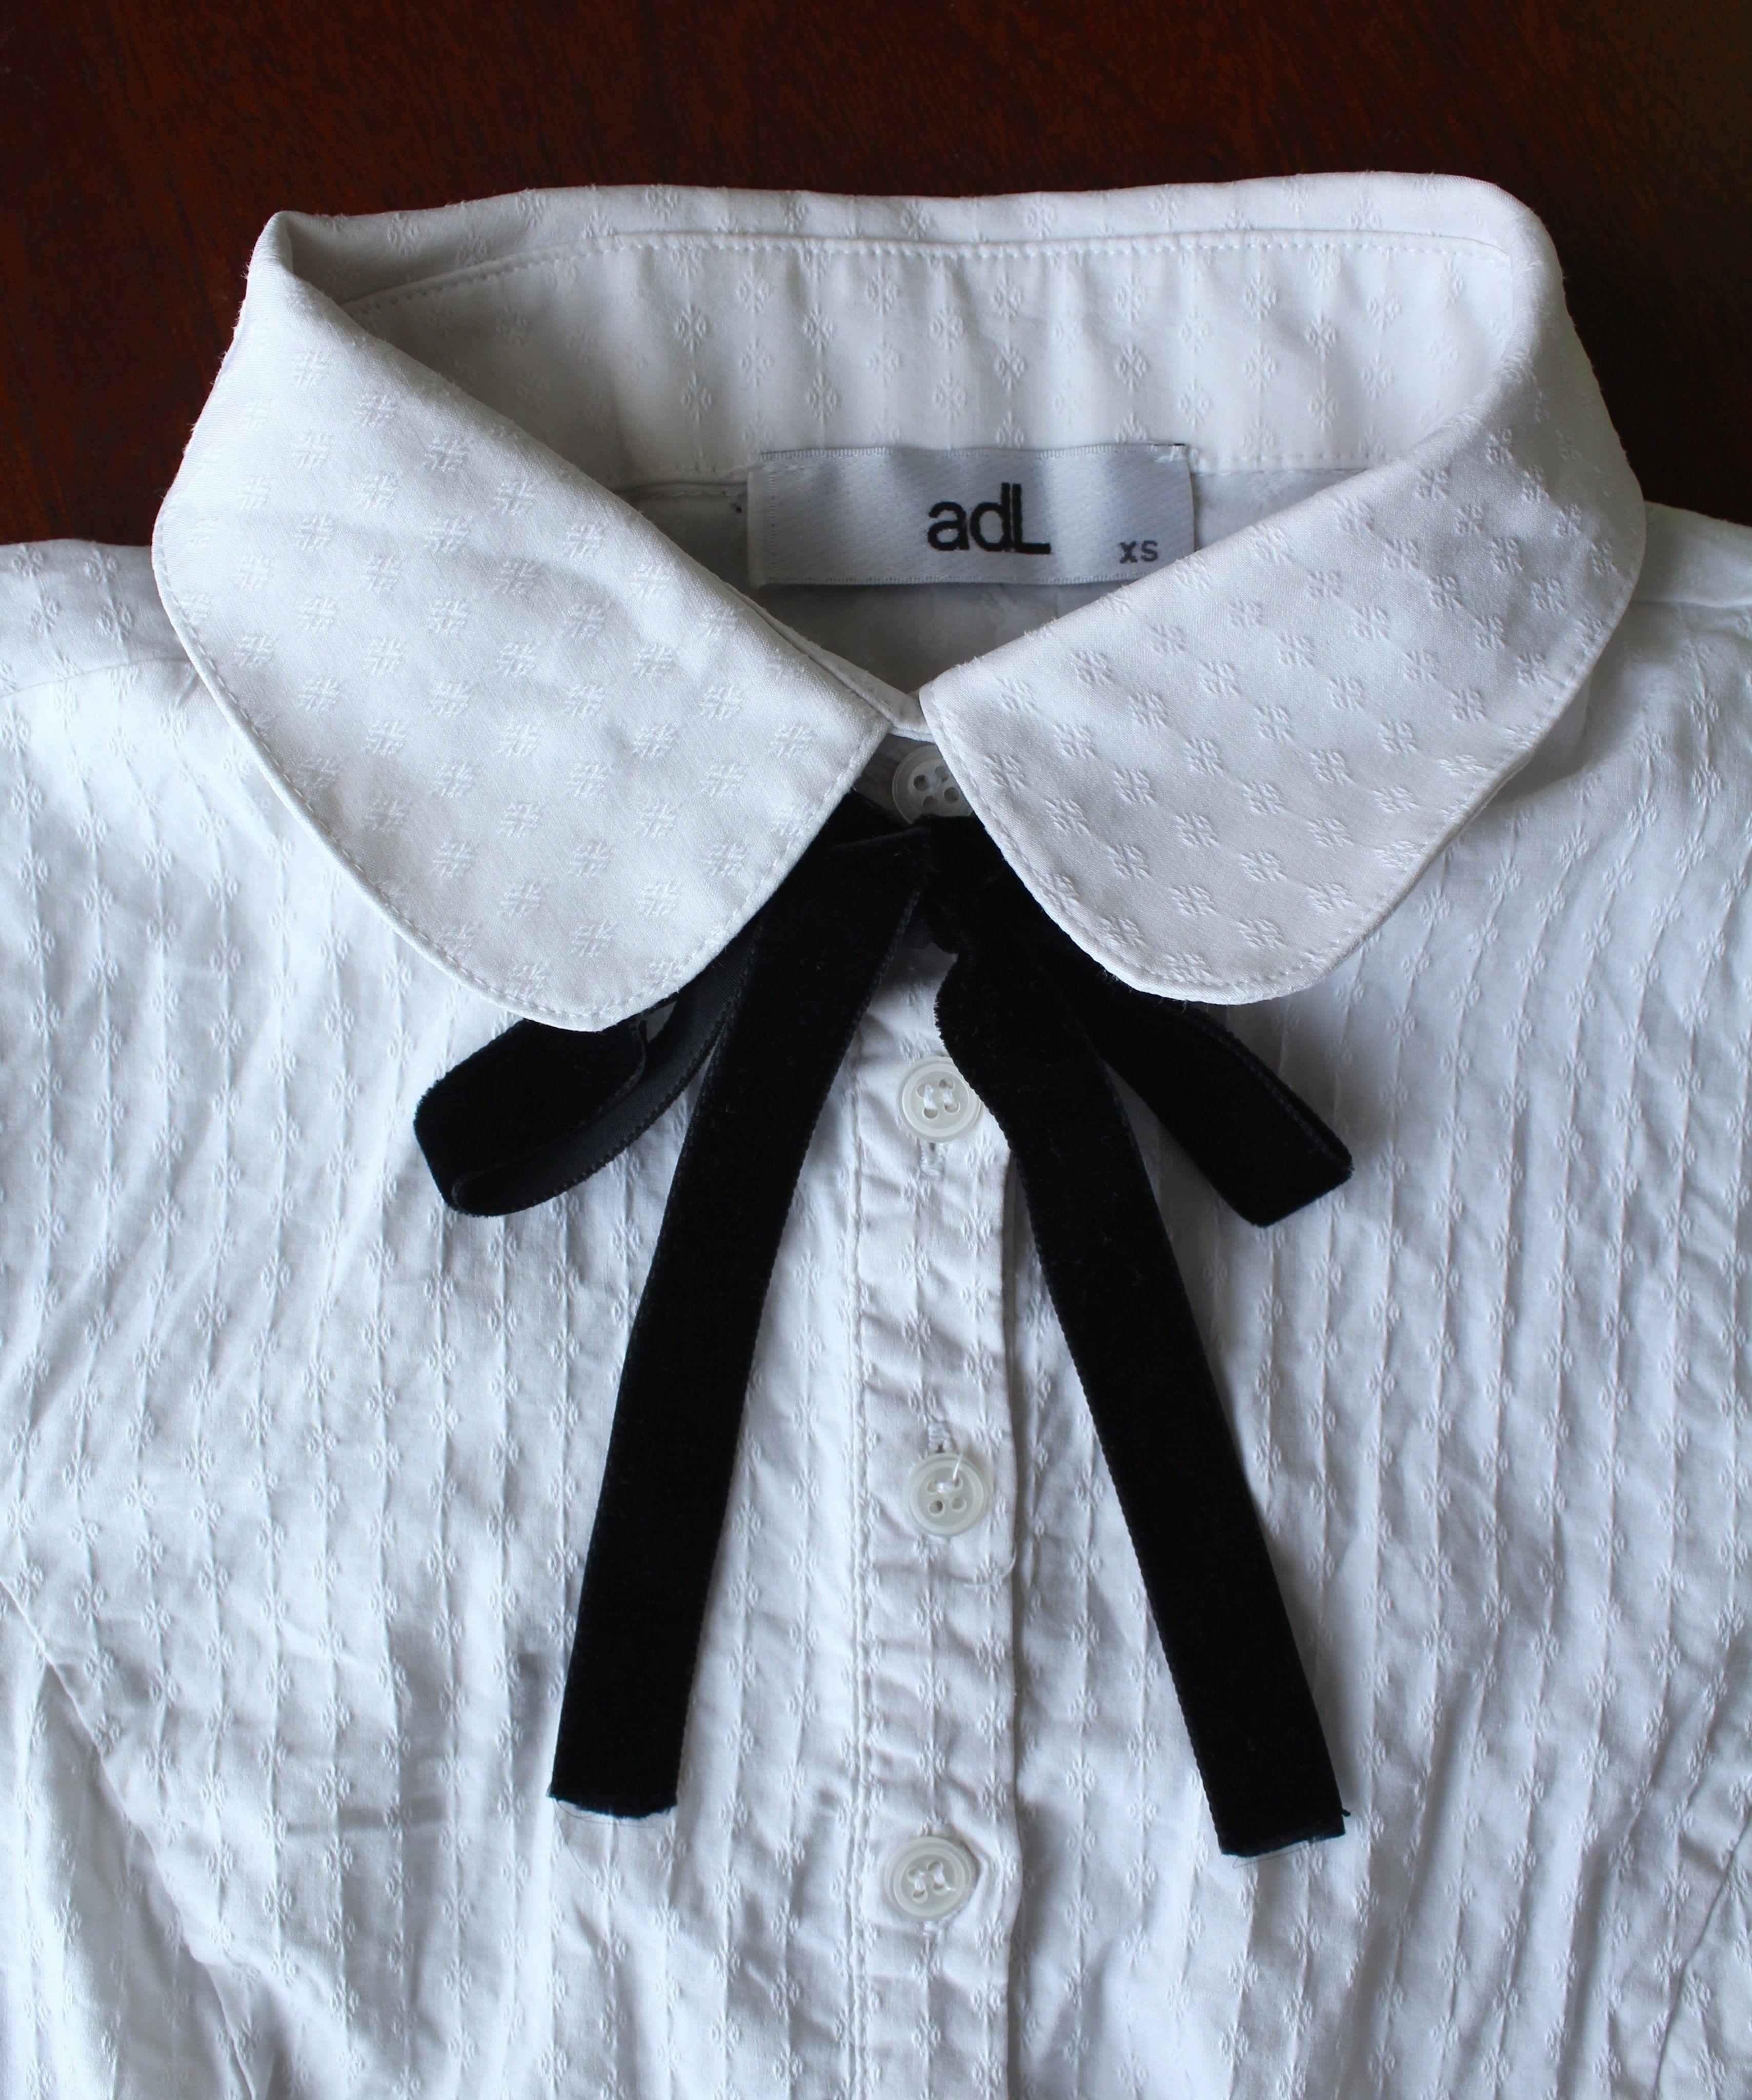 Diy Bow Tie Collar Blouse Diy bow tie, Diy bow, Bow tie